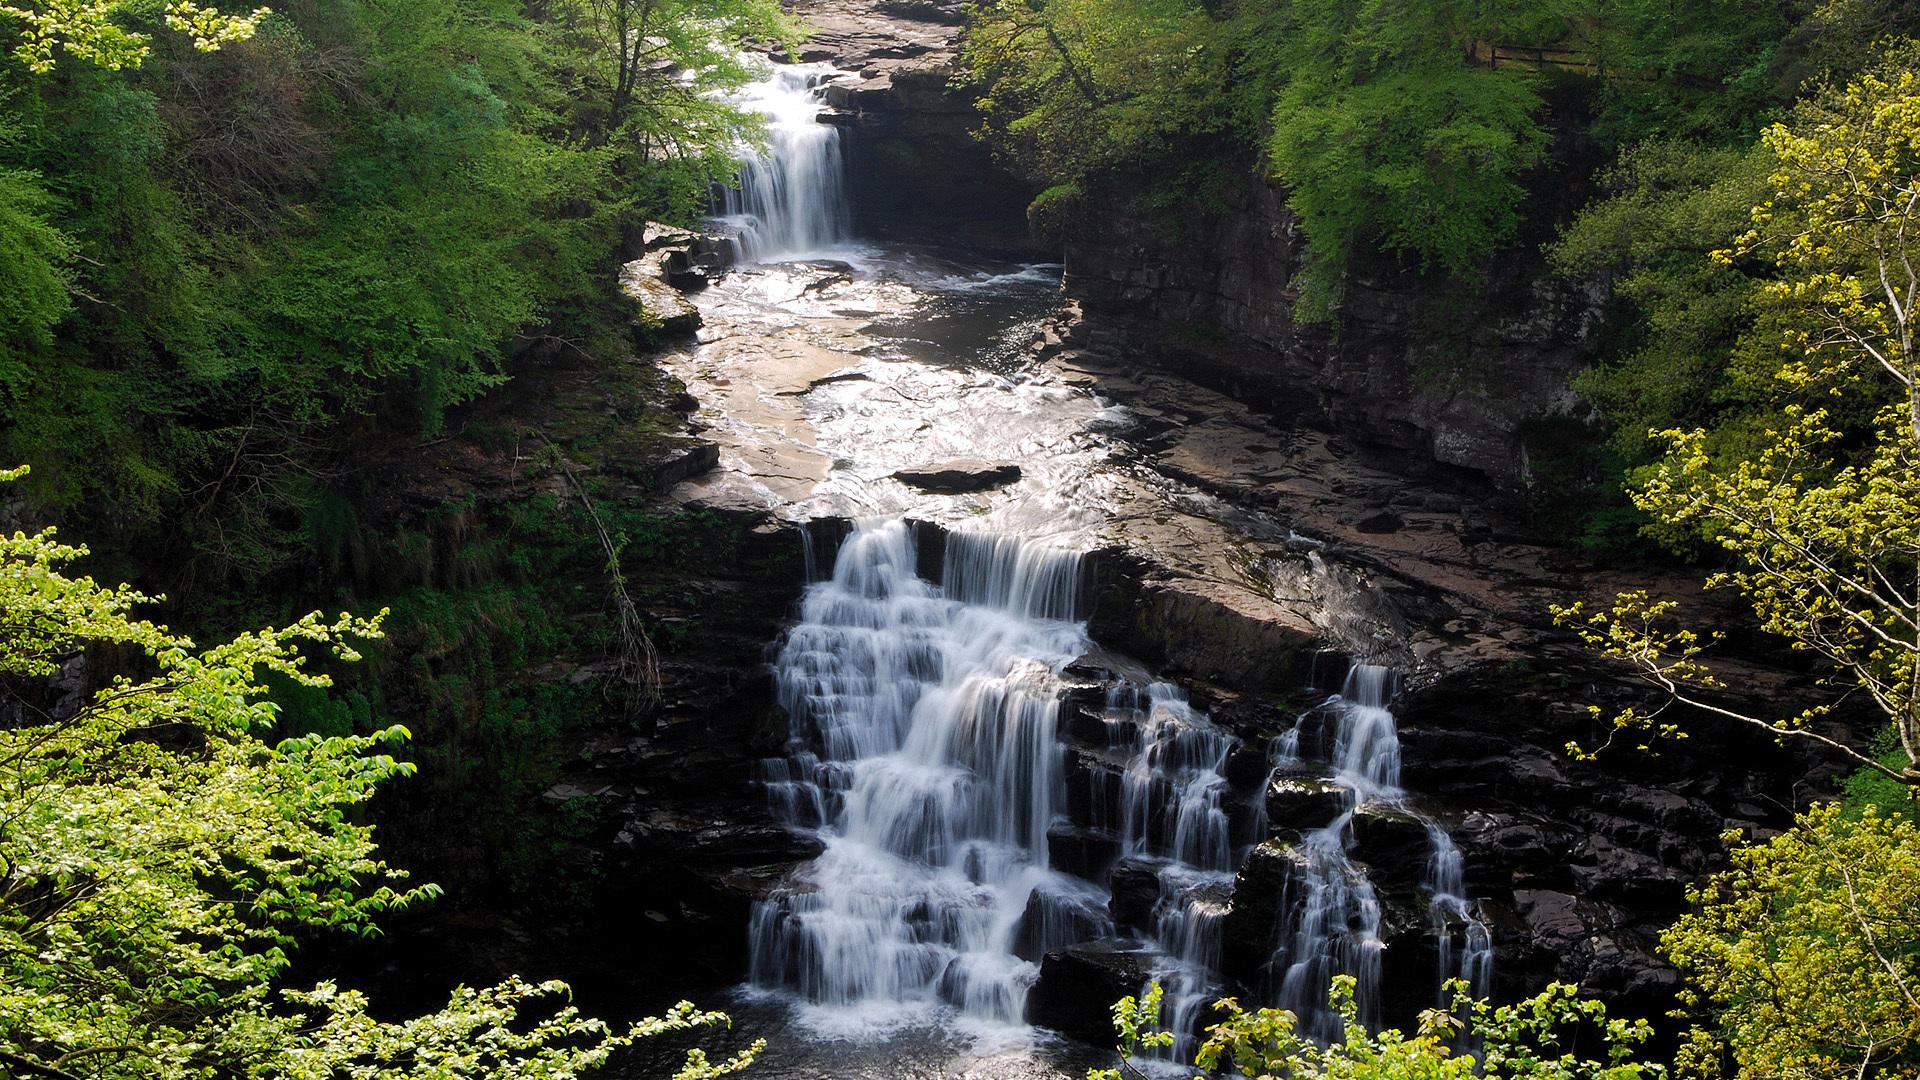 19167 скачать обои Пейзаж, Река, Водопады - заставки и картинки бесплатно